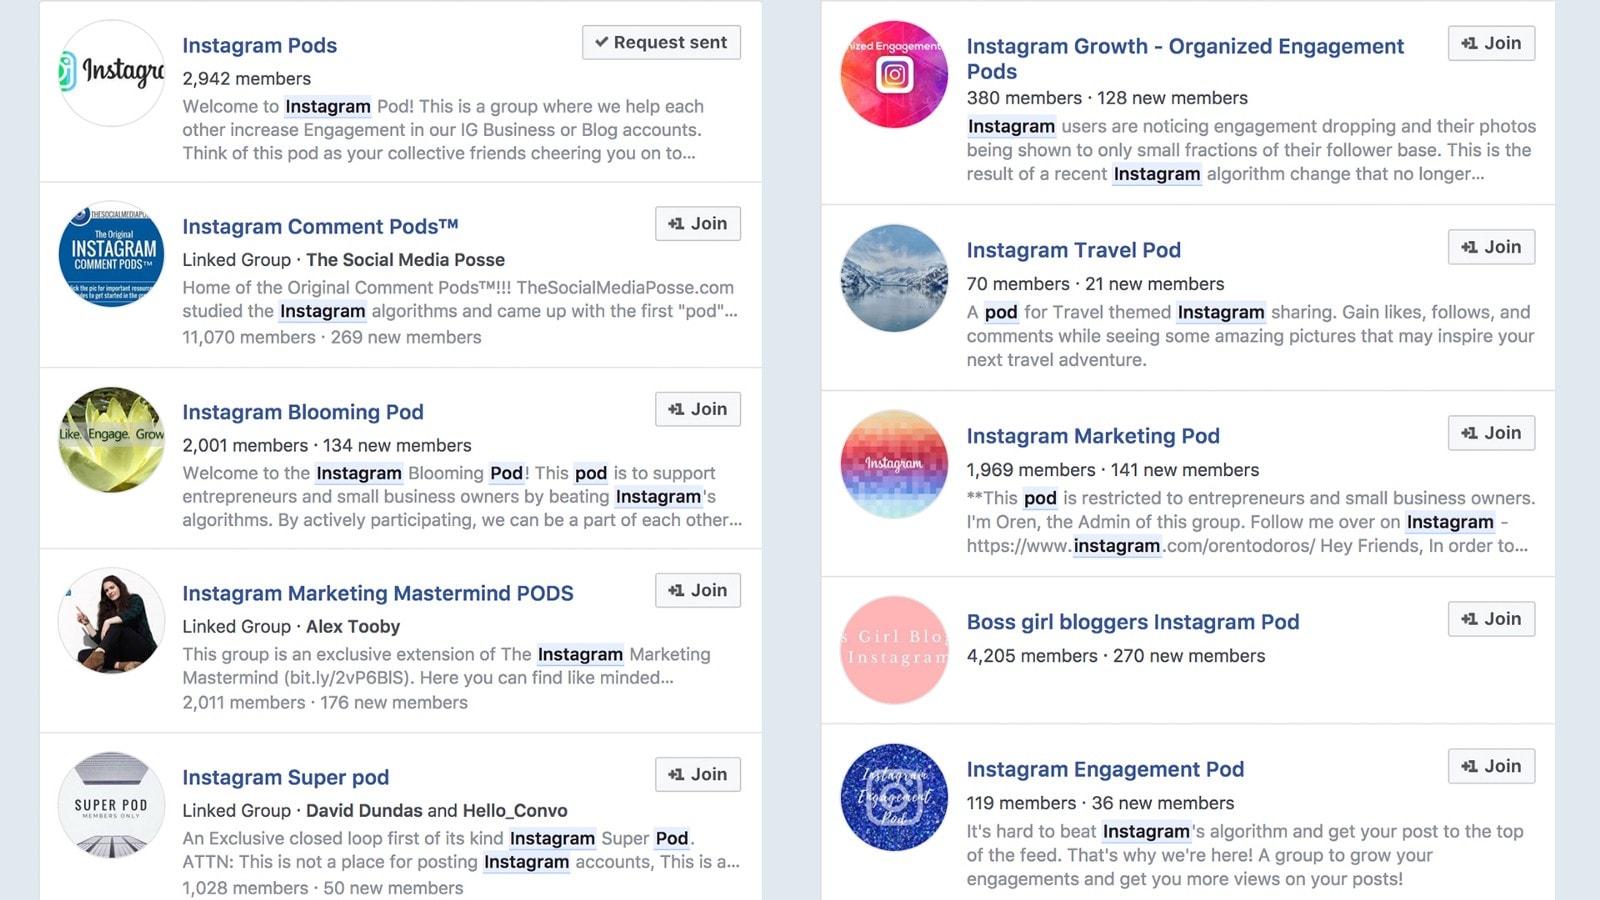 instagram-engagement-groups-1.jpg